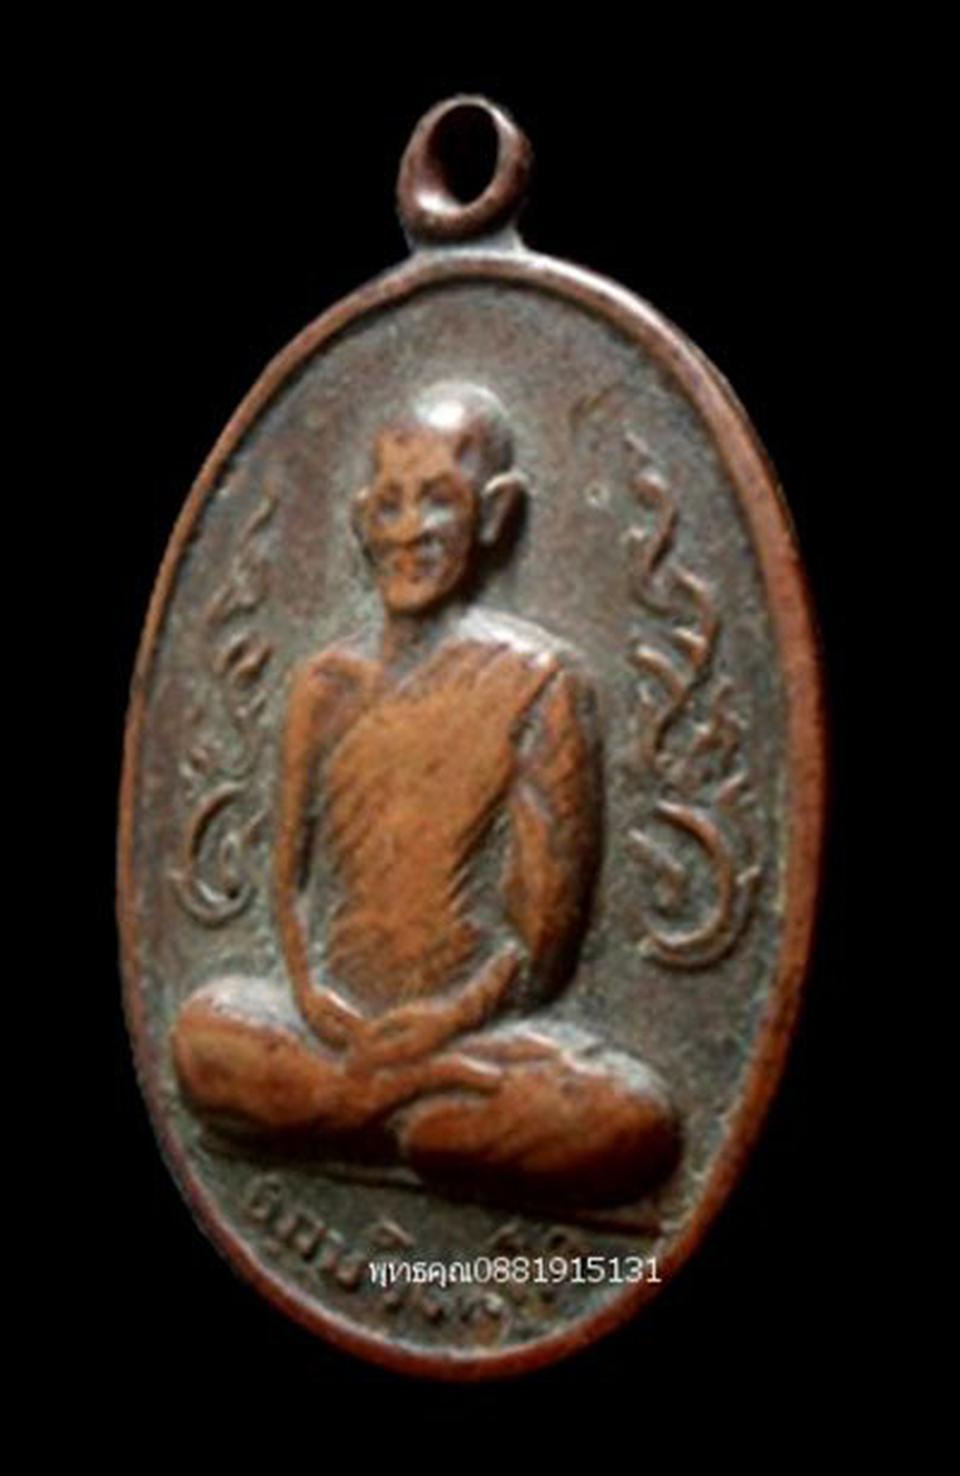 เหรียญกนกข้าง เจ้าคุณนร วัดเทพศิรินทร์ ปี2513 รูปที่ 3